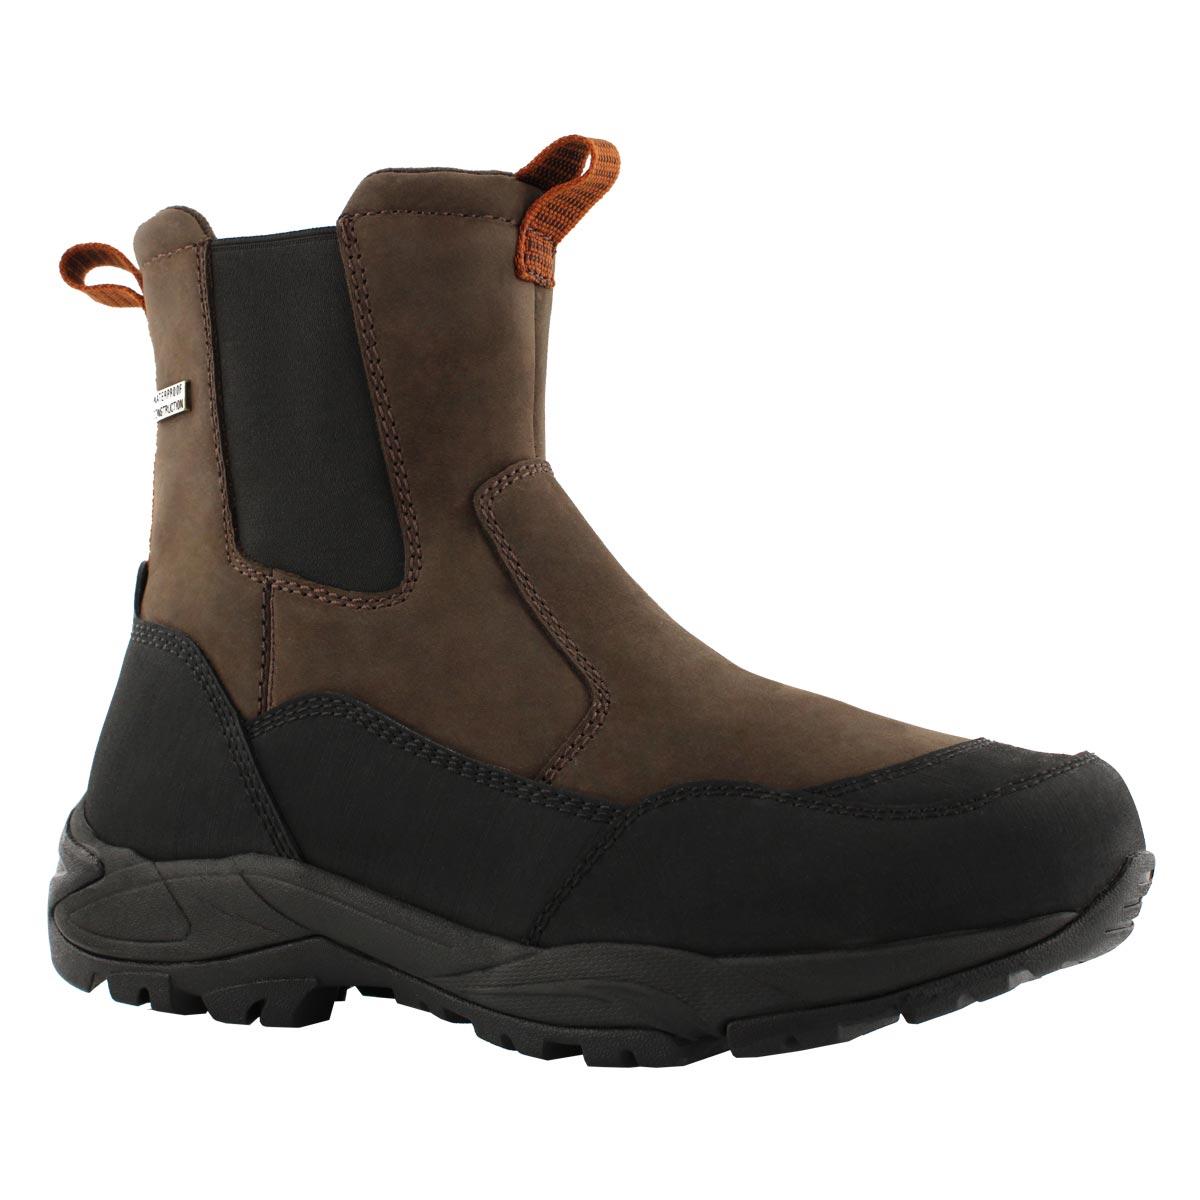 Mns Mason 2 dk brn wtpf winter boot